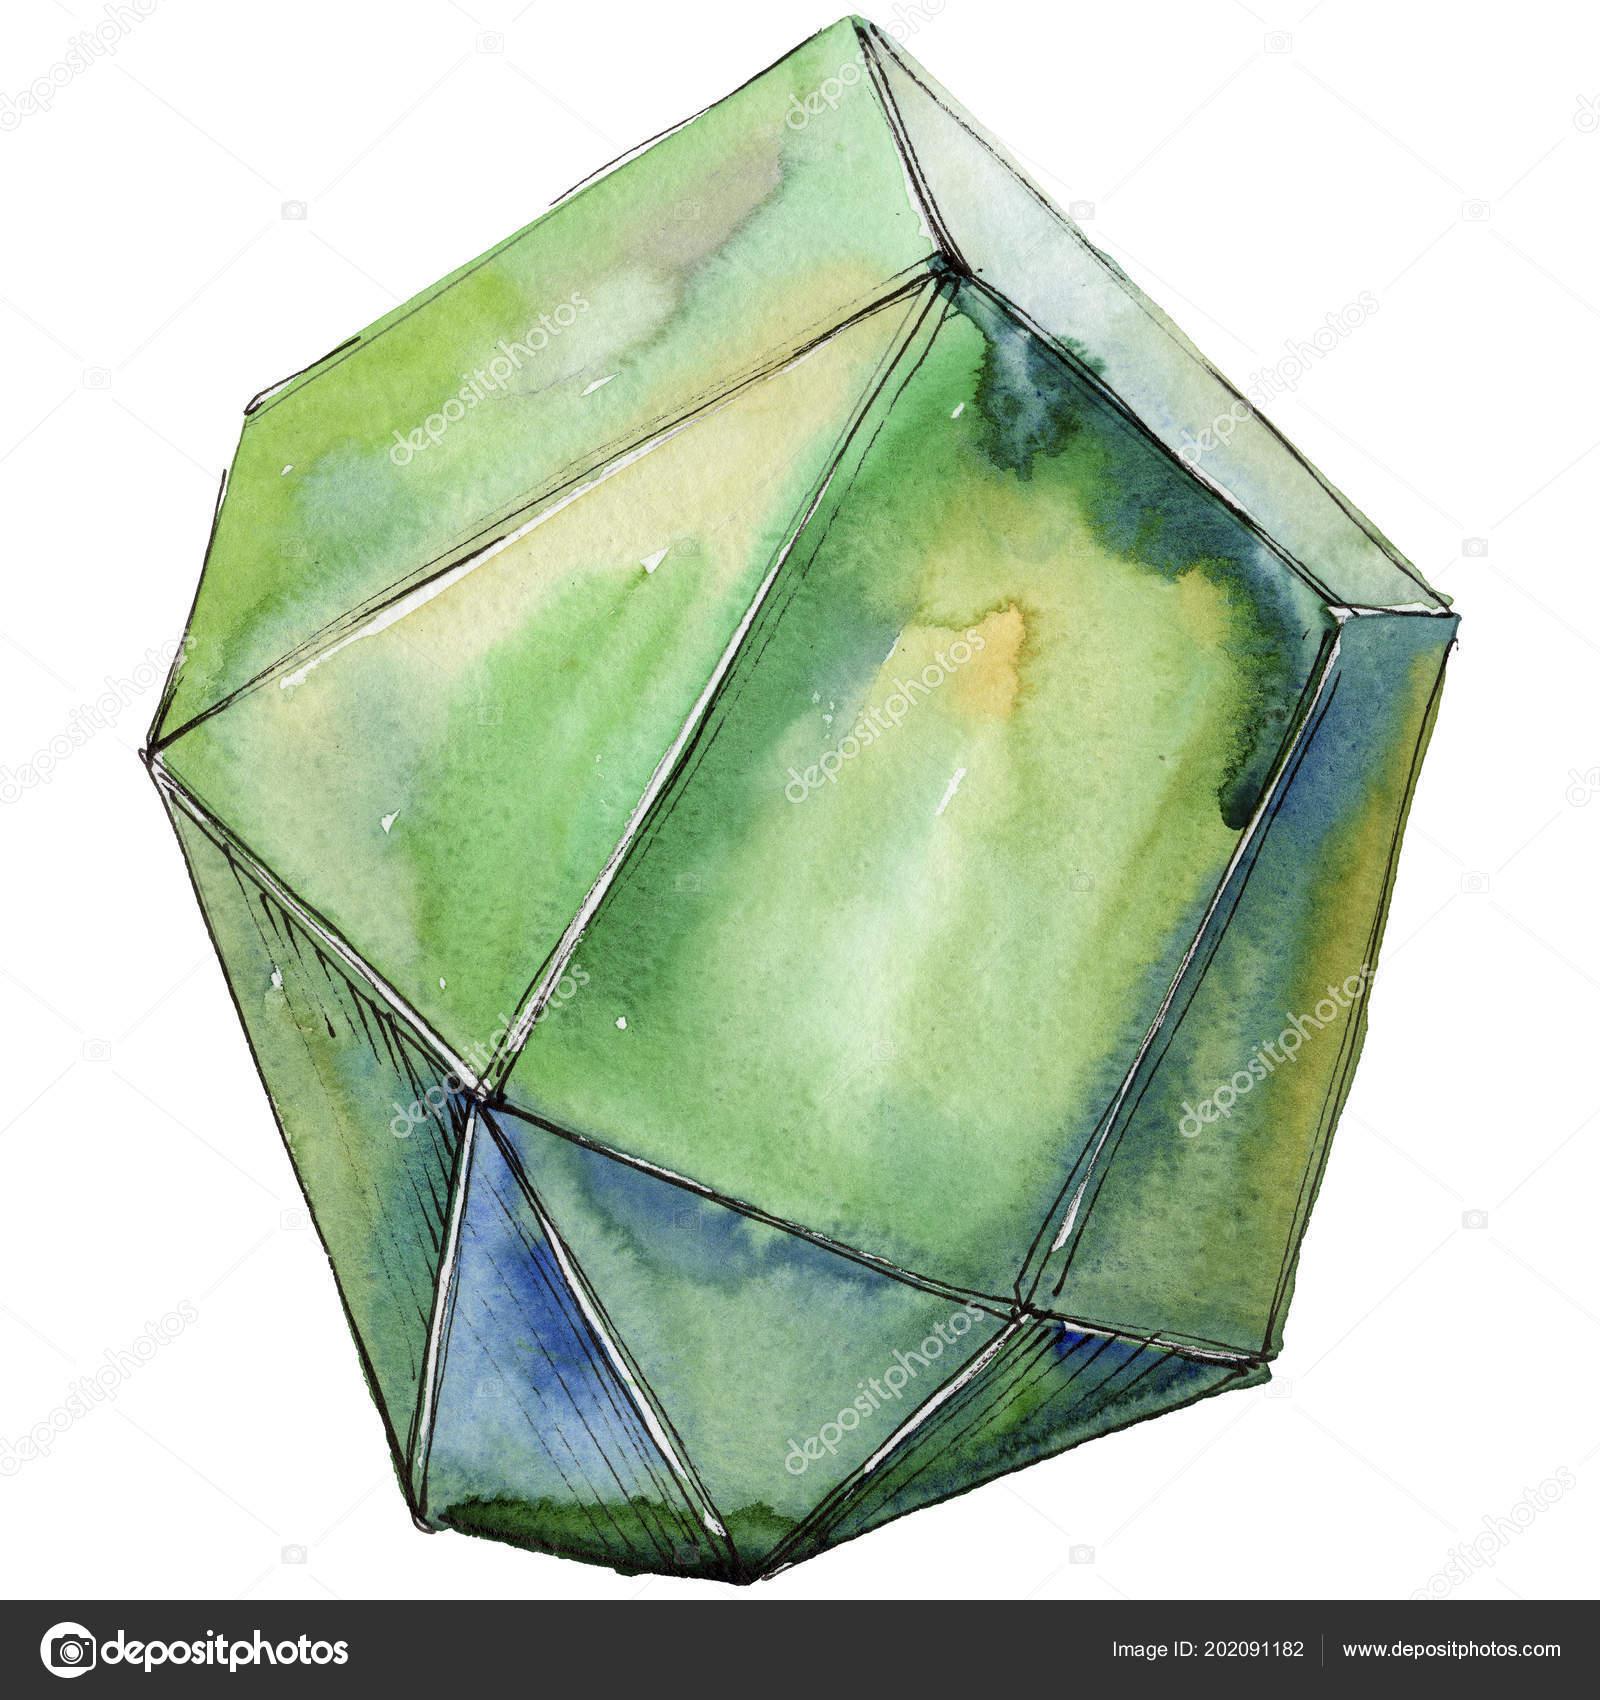 9dacd7a98 Zöld gyémánt rock ékszerek ásványi. — Stock Fotó © MyStocks #202091182